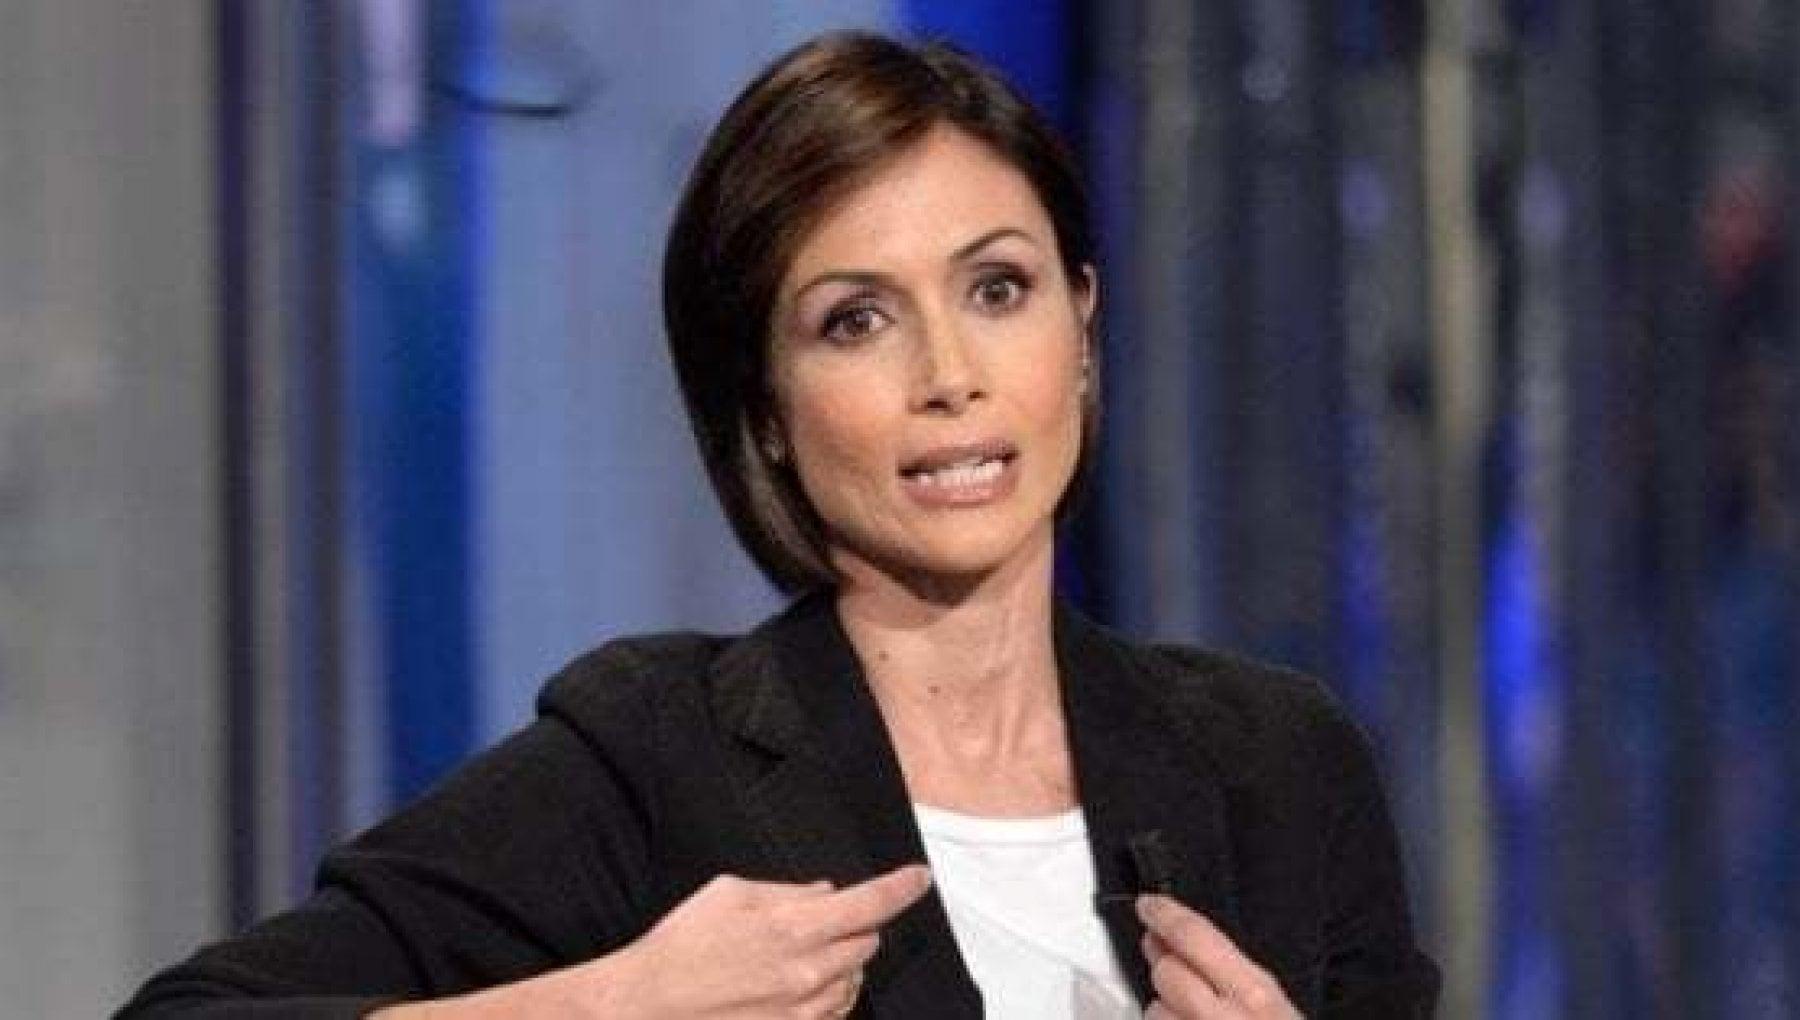 Forza Italia Mara Carfagna ricoverata in ospedale per polmonite Momento complicato tornero presto